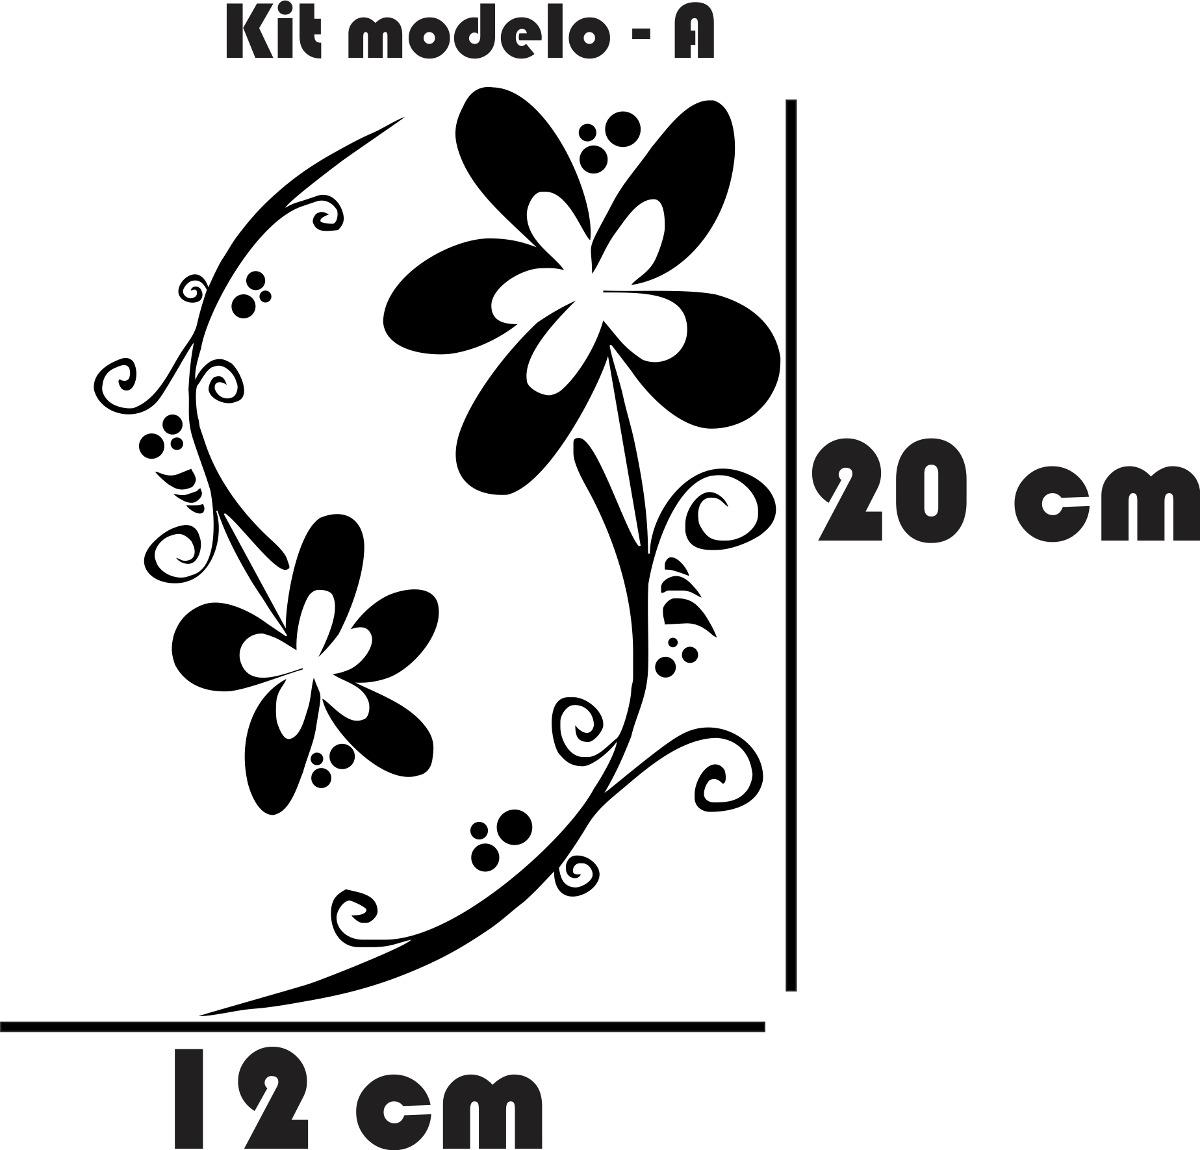 Adesivo Para Moto Frases ~ Adesivo Decorativo Para O Banheiro Vaso Sanitário Floral R$ 30,00 em Mercado Livre